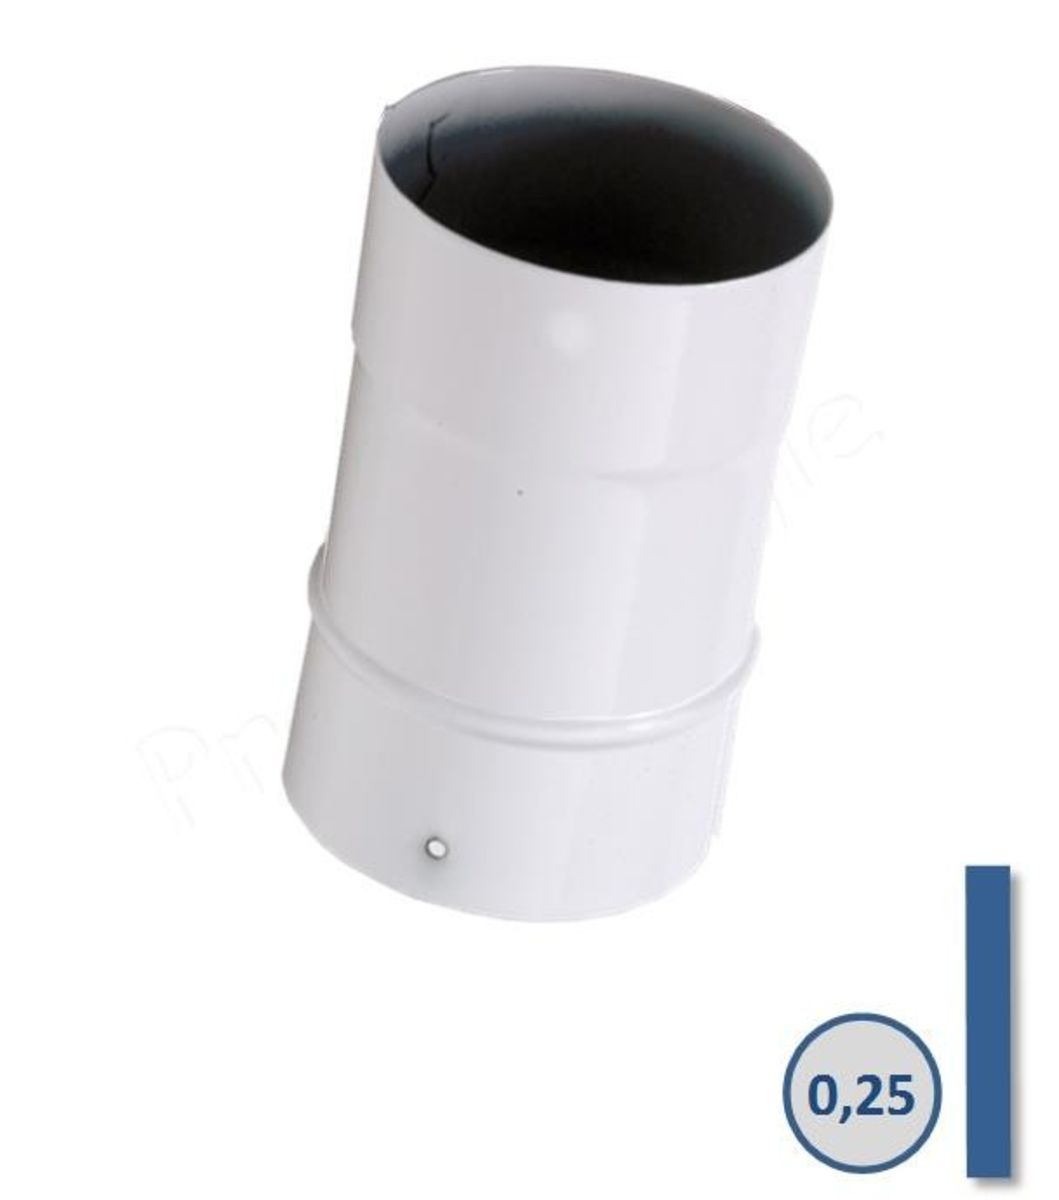 TUYAU EMAIL BLANC - L 25 CM - Ø 153 MM